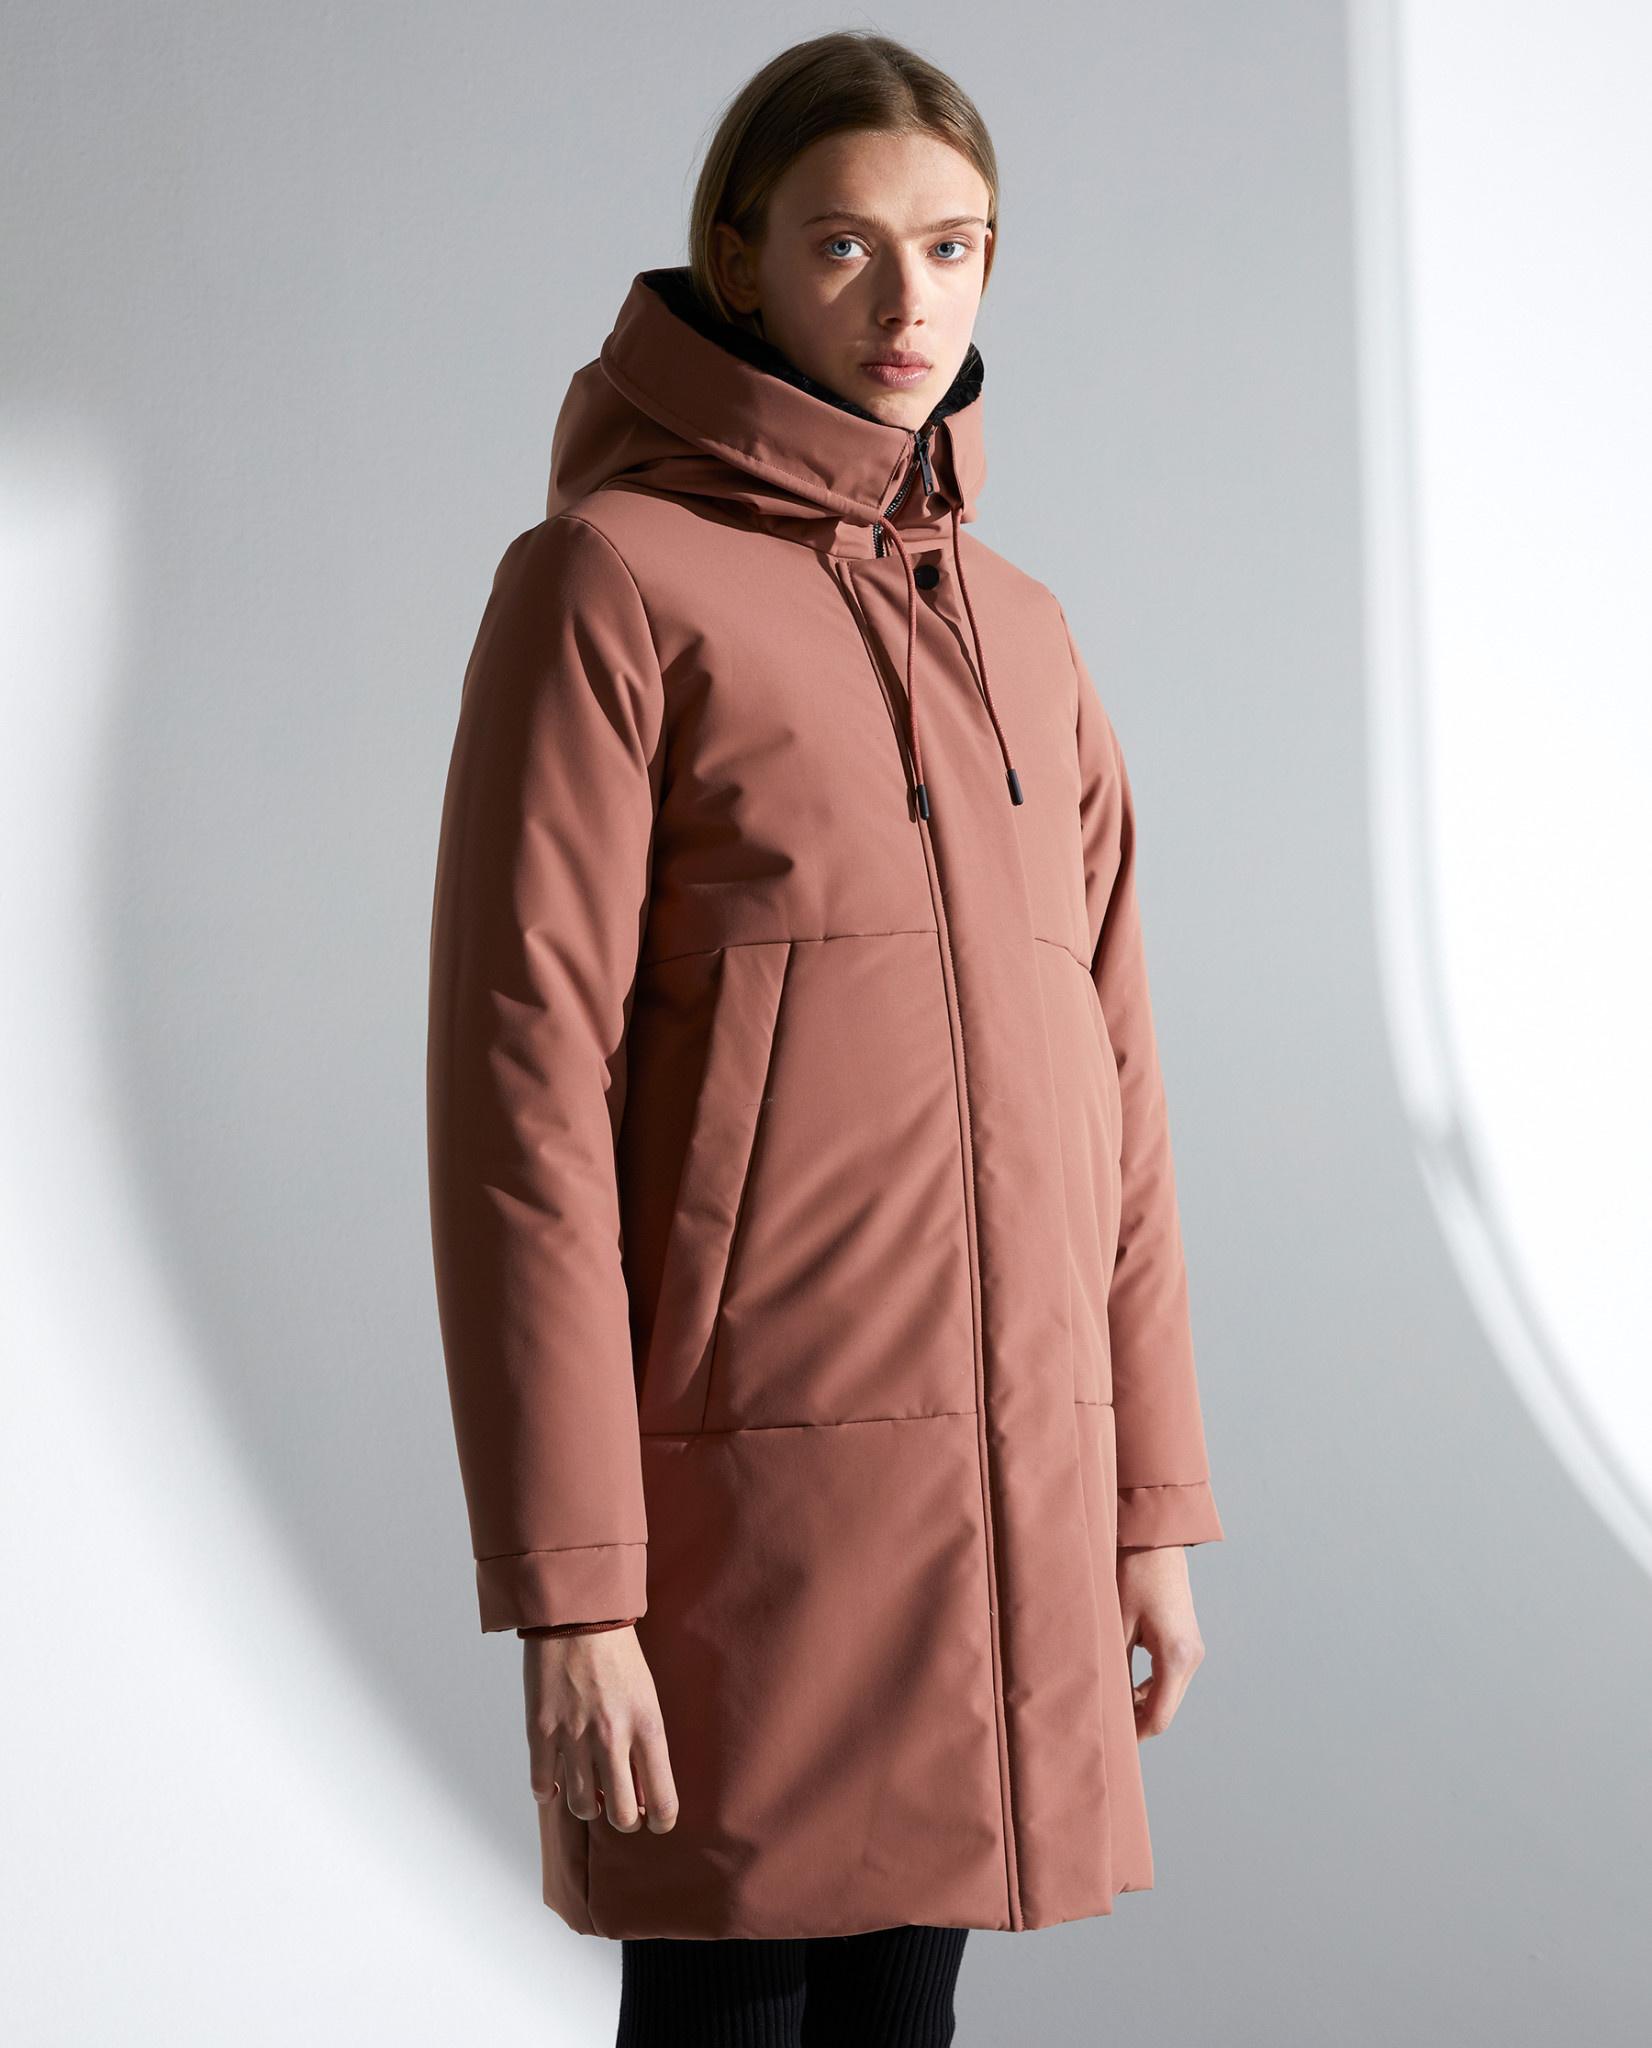 Elvine Elvine Tiril Jacket Copper Bench Red